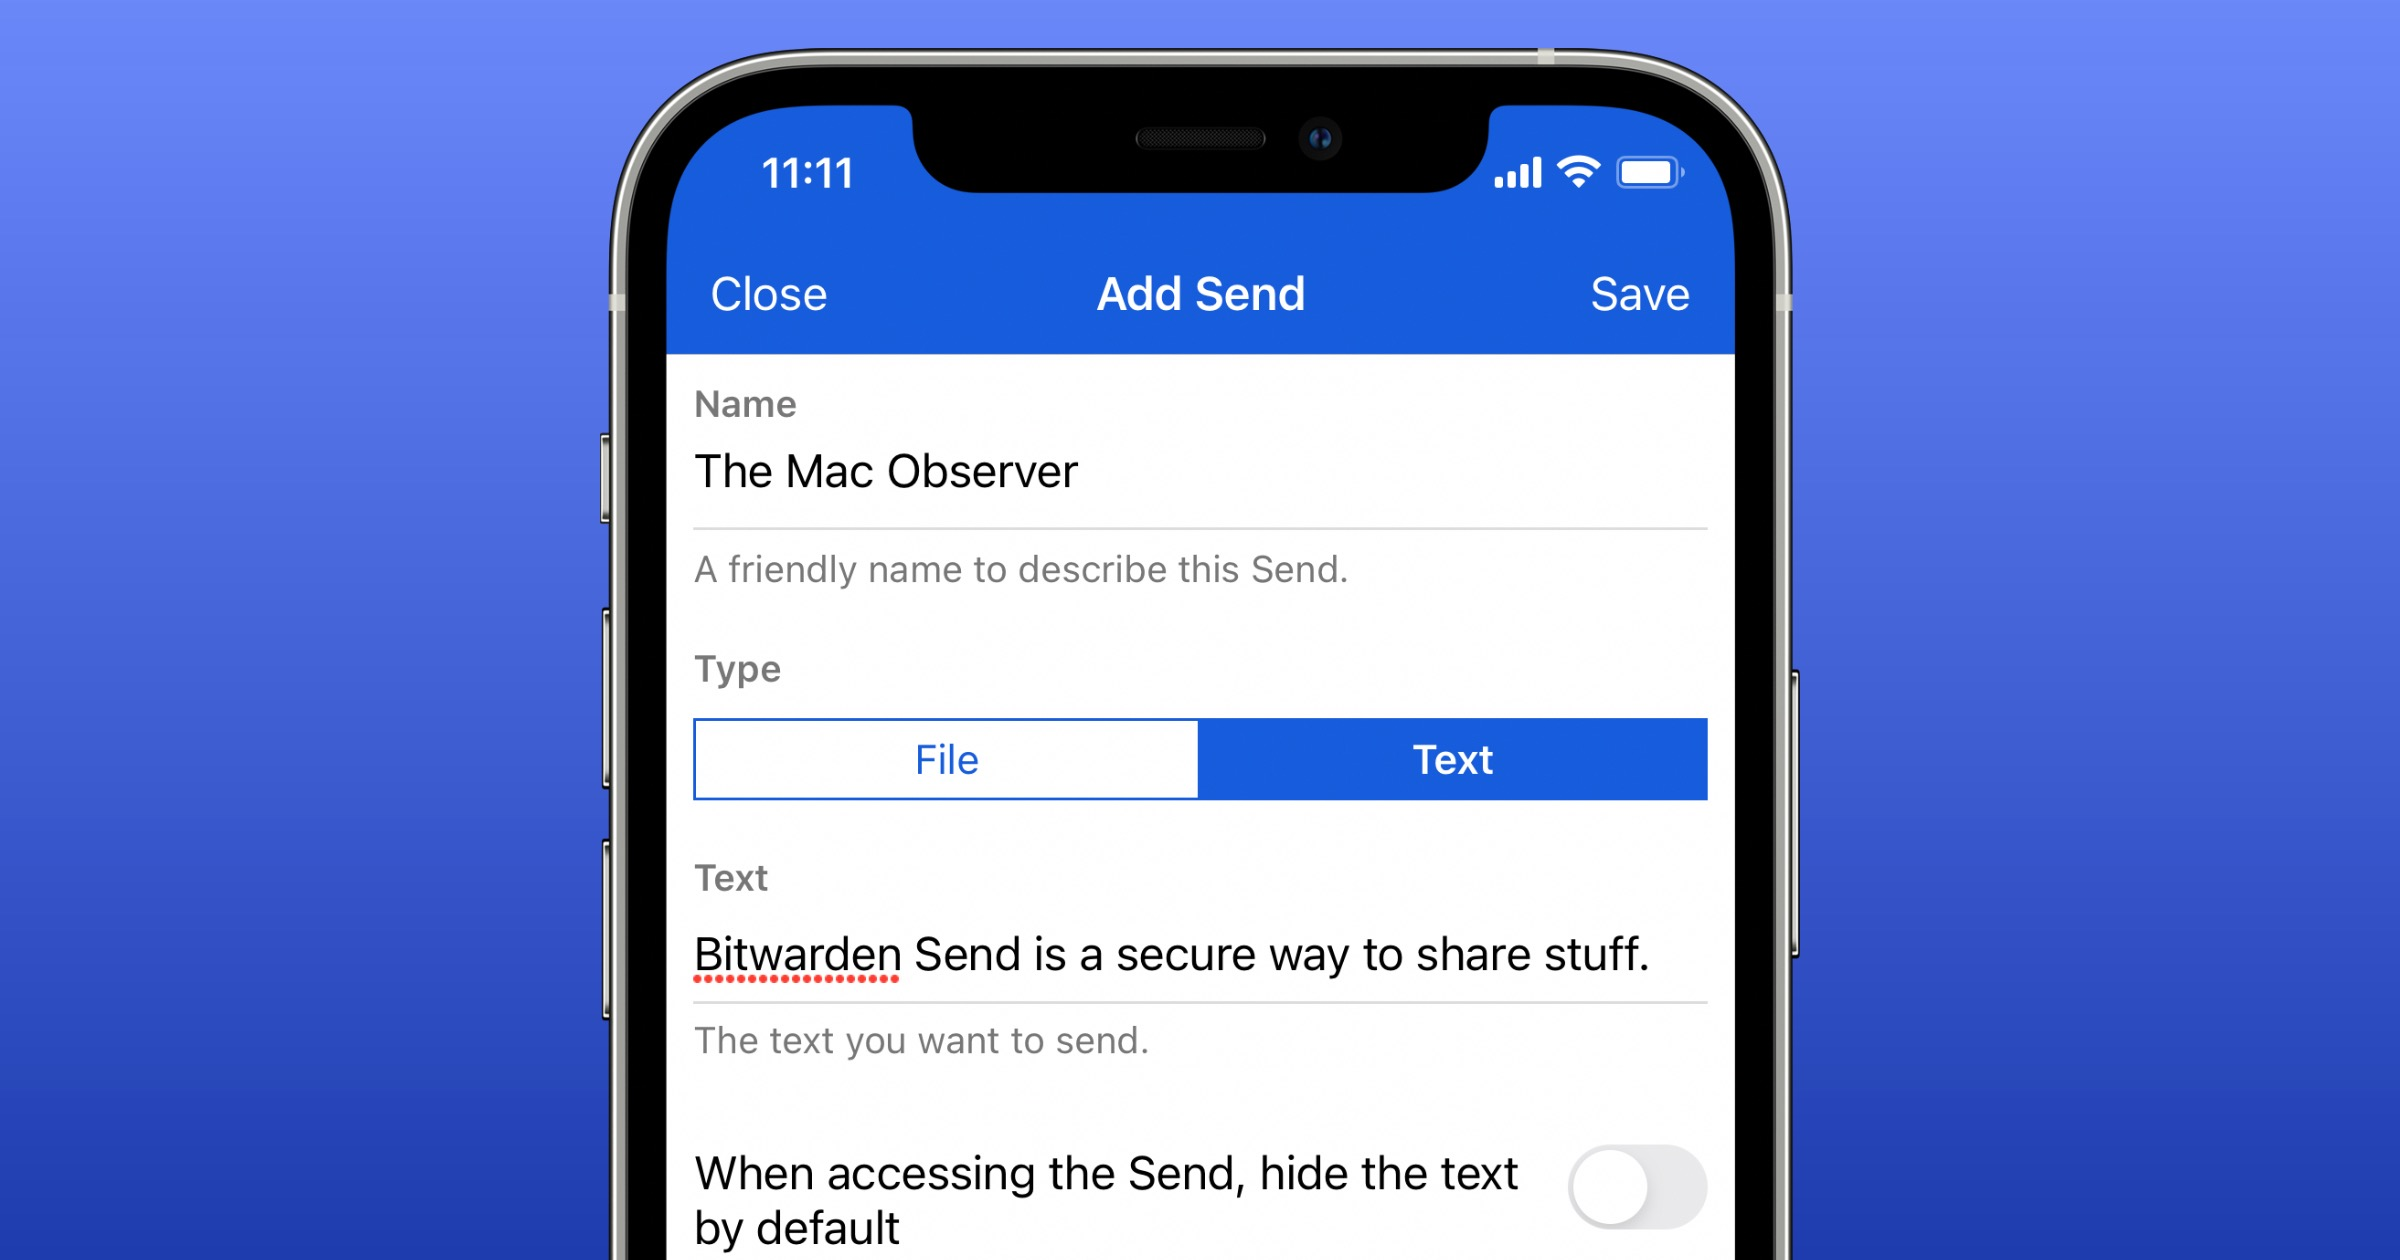 Bitwarden send on iPhone